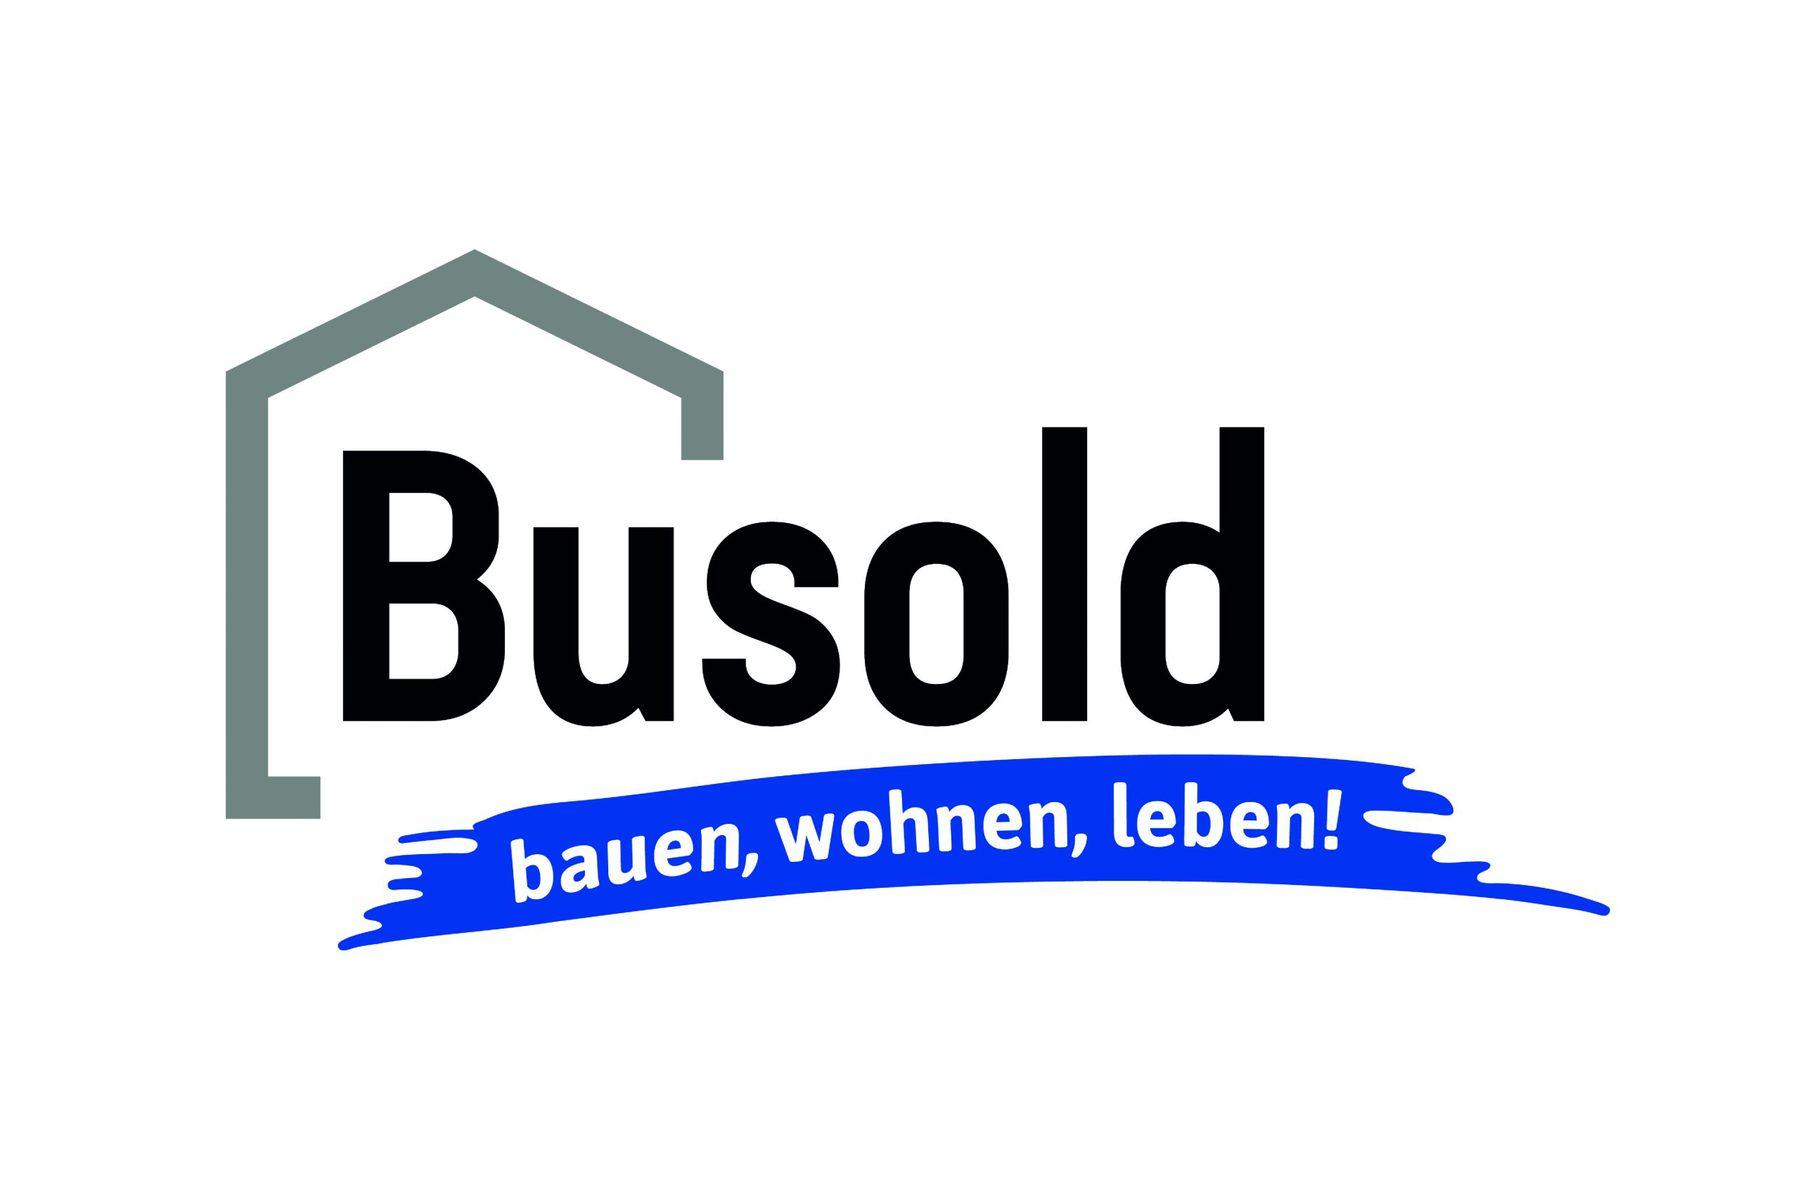 SCHORN Referenzen Busold Logo